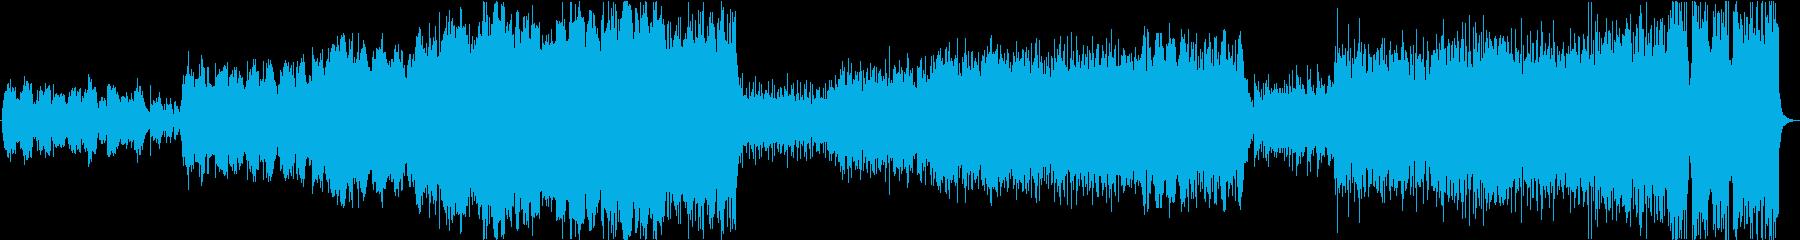 徐々に激しくなるケルト風生バイオリン楽曲の再生済みの波形